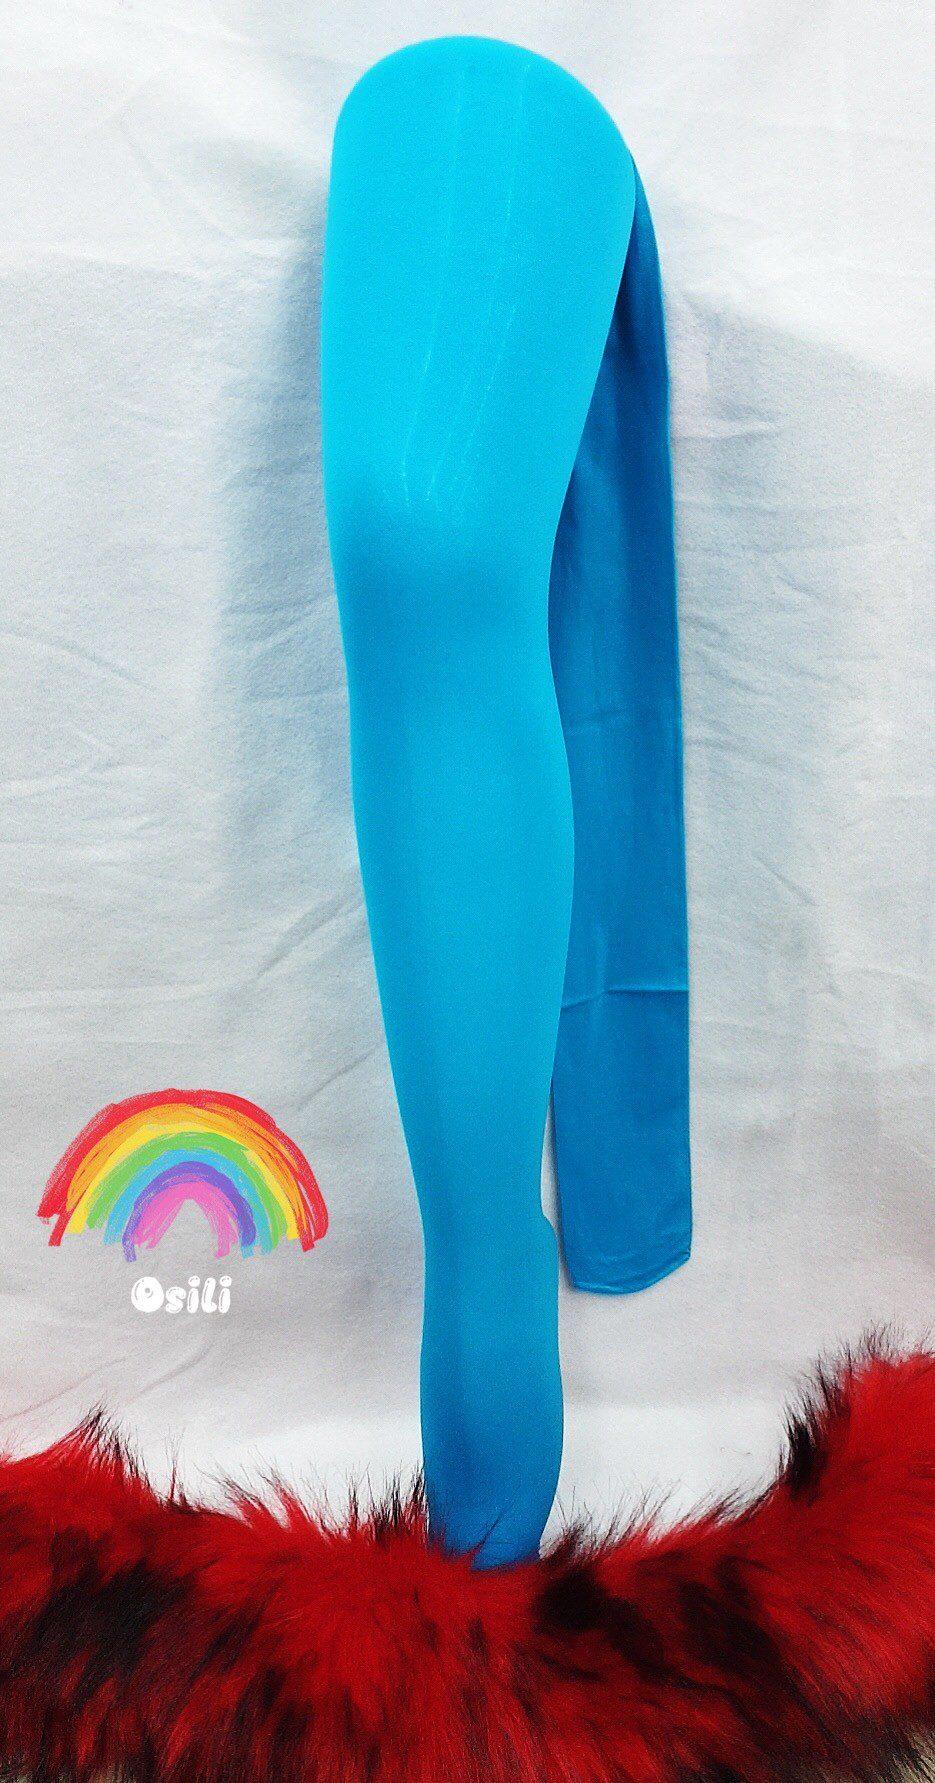 7F86BA86 A08E 4A22 94B1 6C0FE0327AC9 Osili - Fashion - Divat